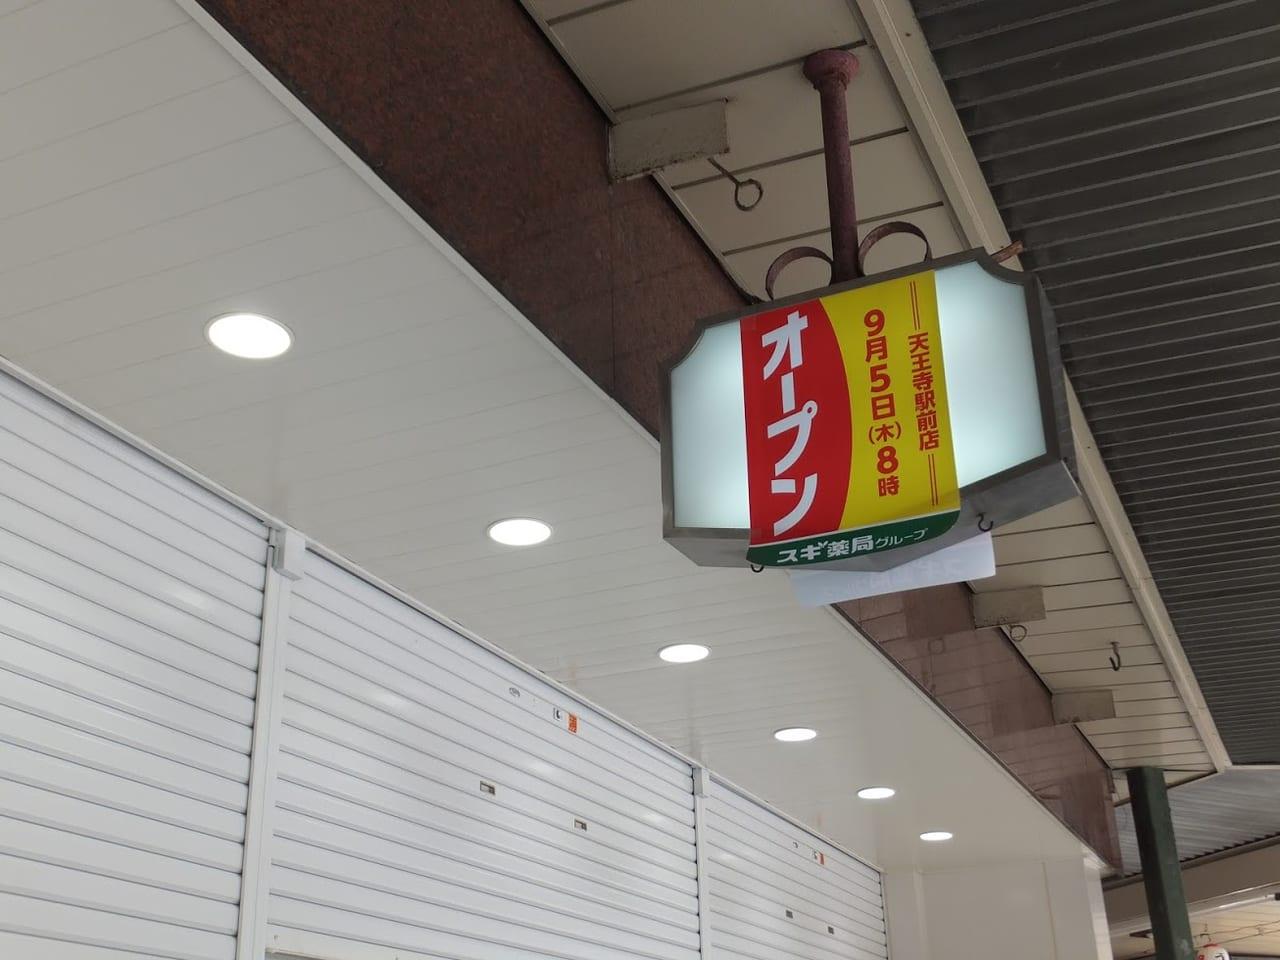 三井 住友 銀行 横浜 駅前 支店 コード